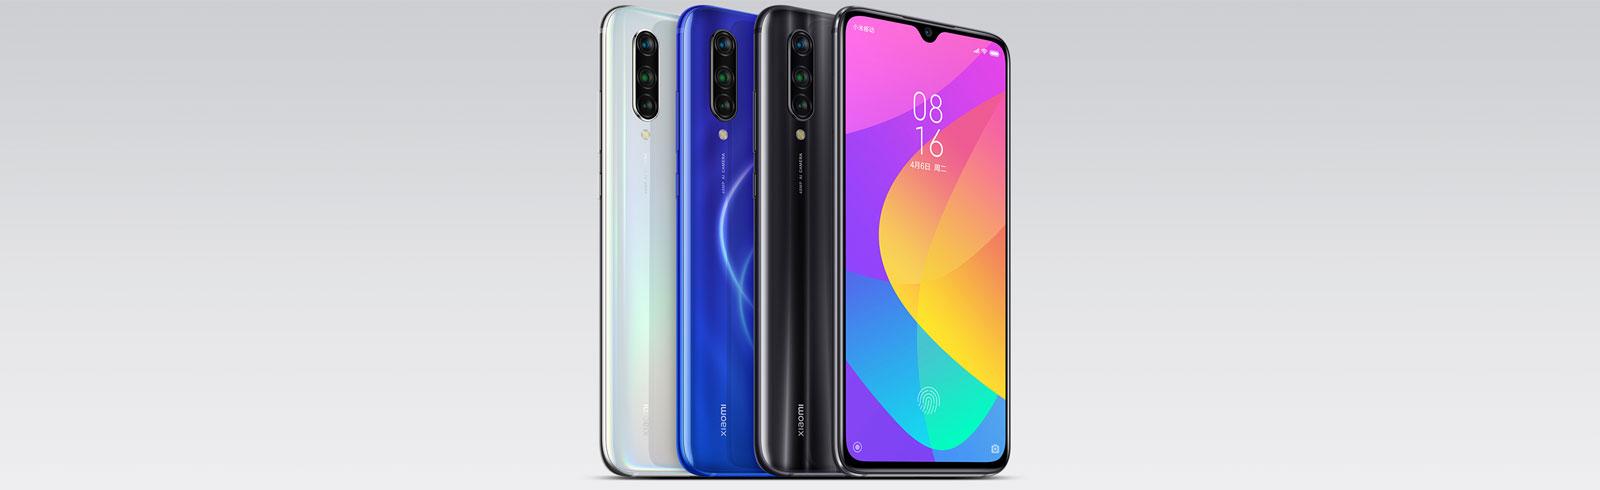 Xiaomi Mi CC9 all the official photos